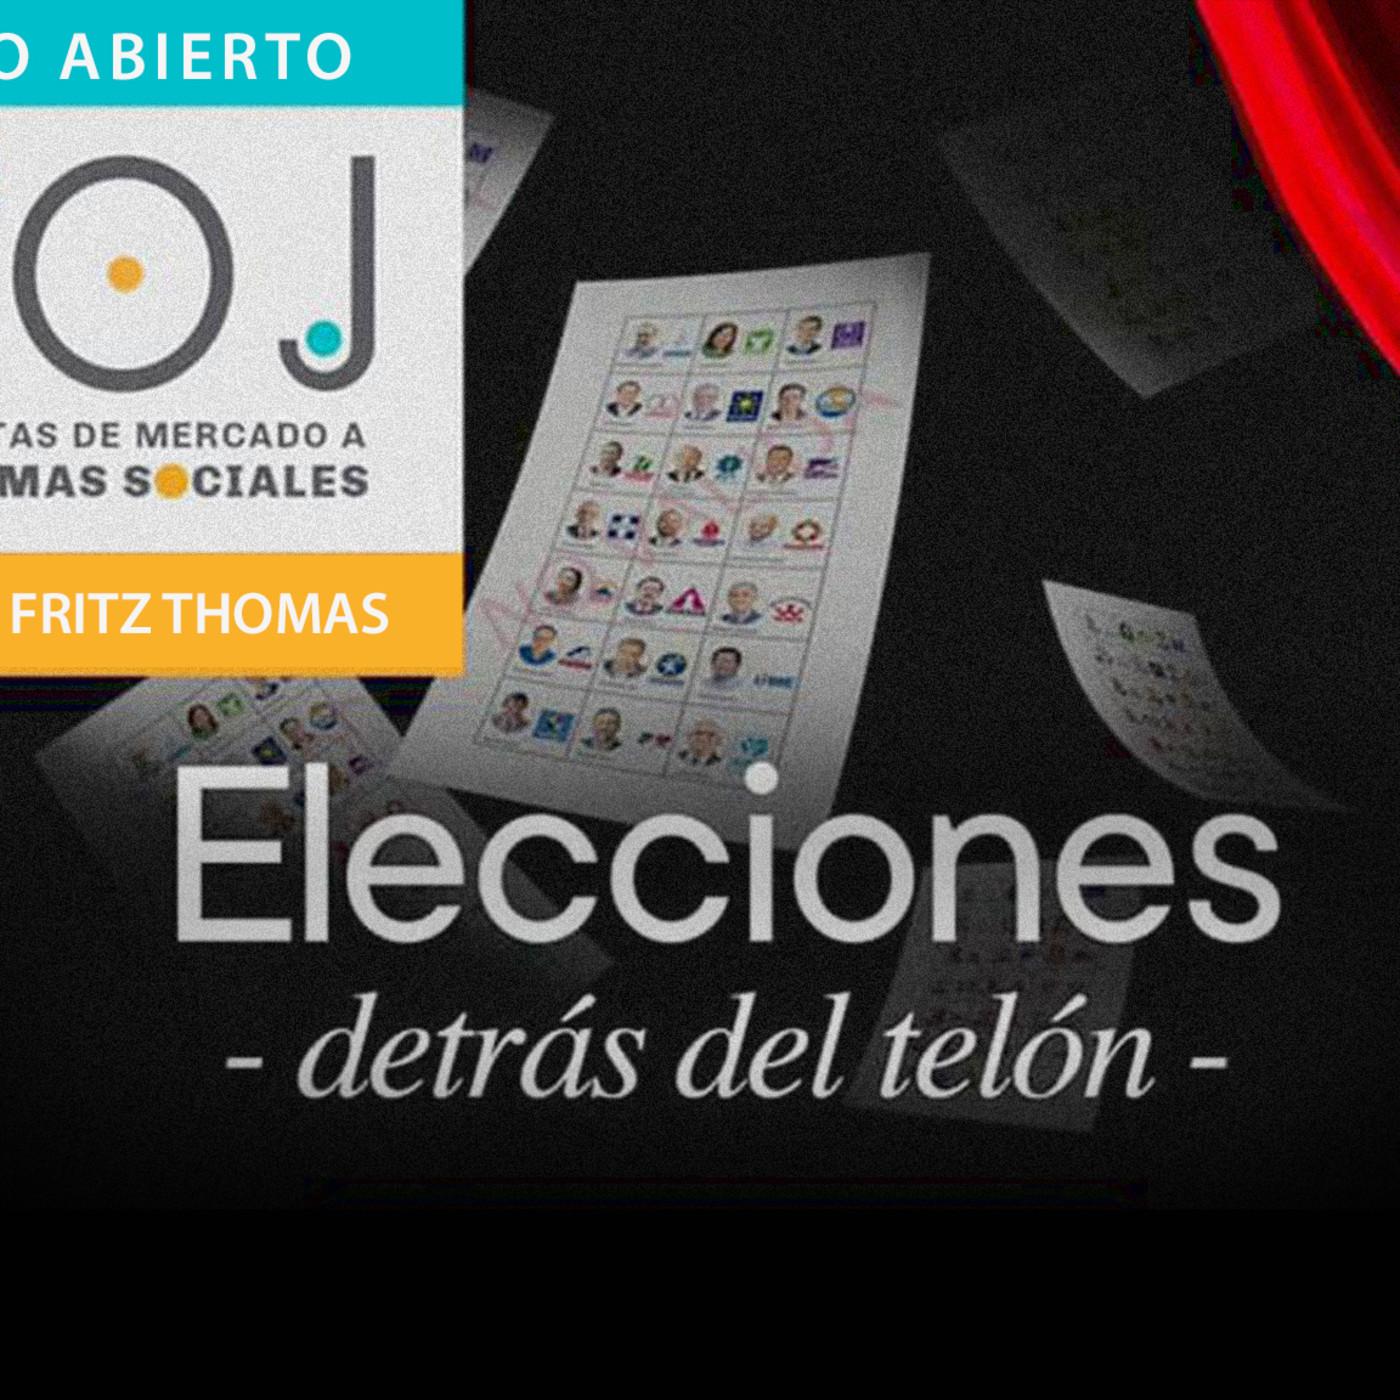 Foro Abierto NOJ: Elecciones detrás del telón